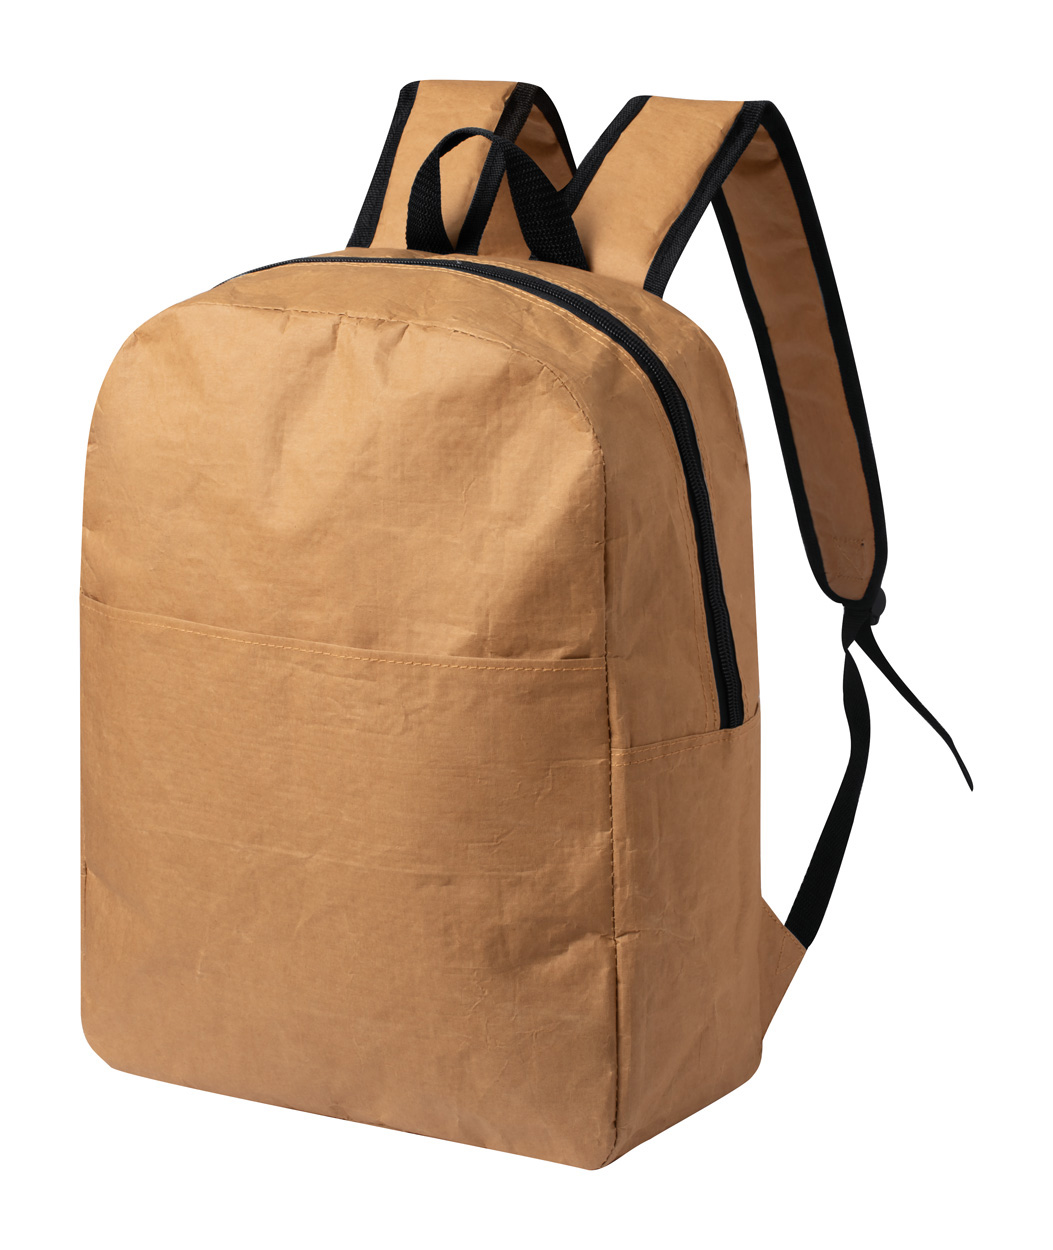 nincs színadat Dons papír hátizsák Dons papír hátizsák